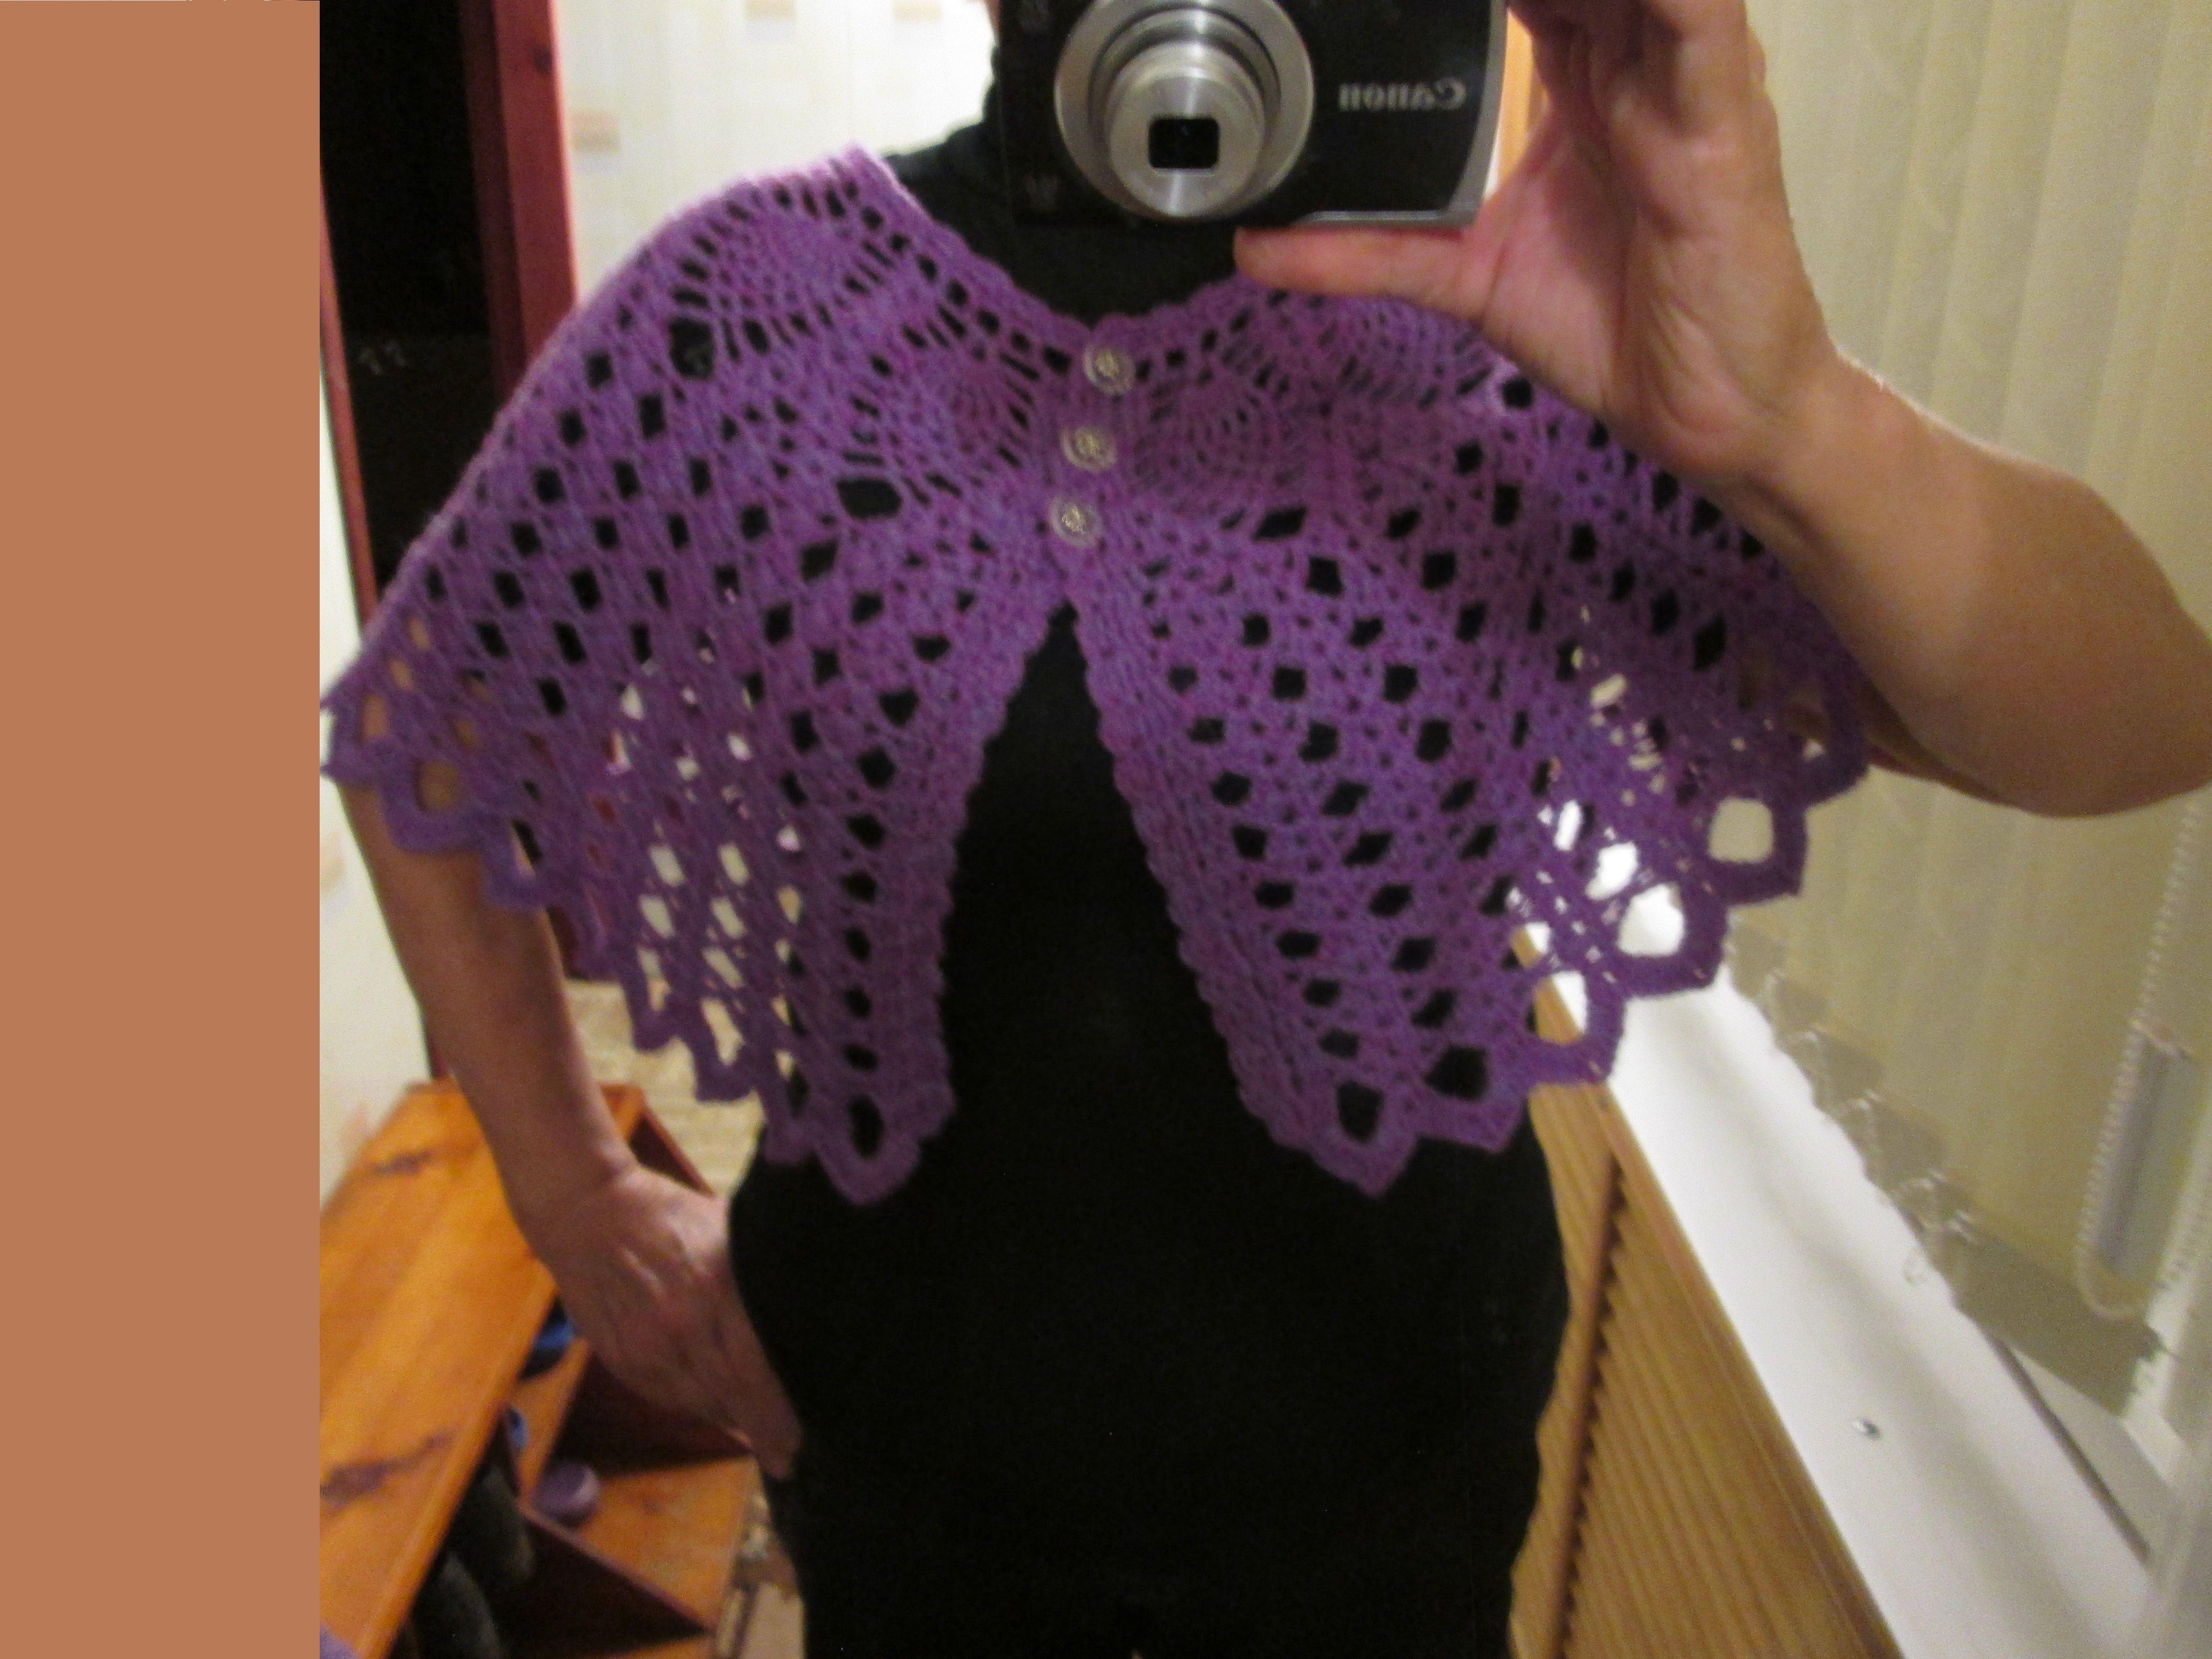 одежда накидка вязание праздник болеро крючком пелерина ручнаяработа нарядное женщине